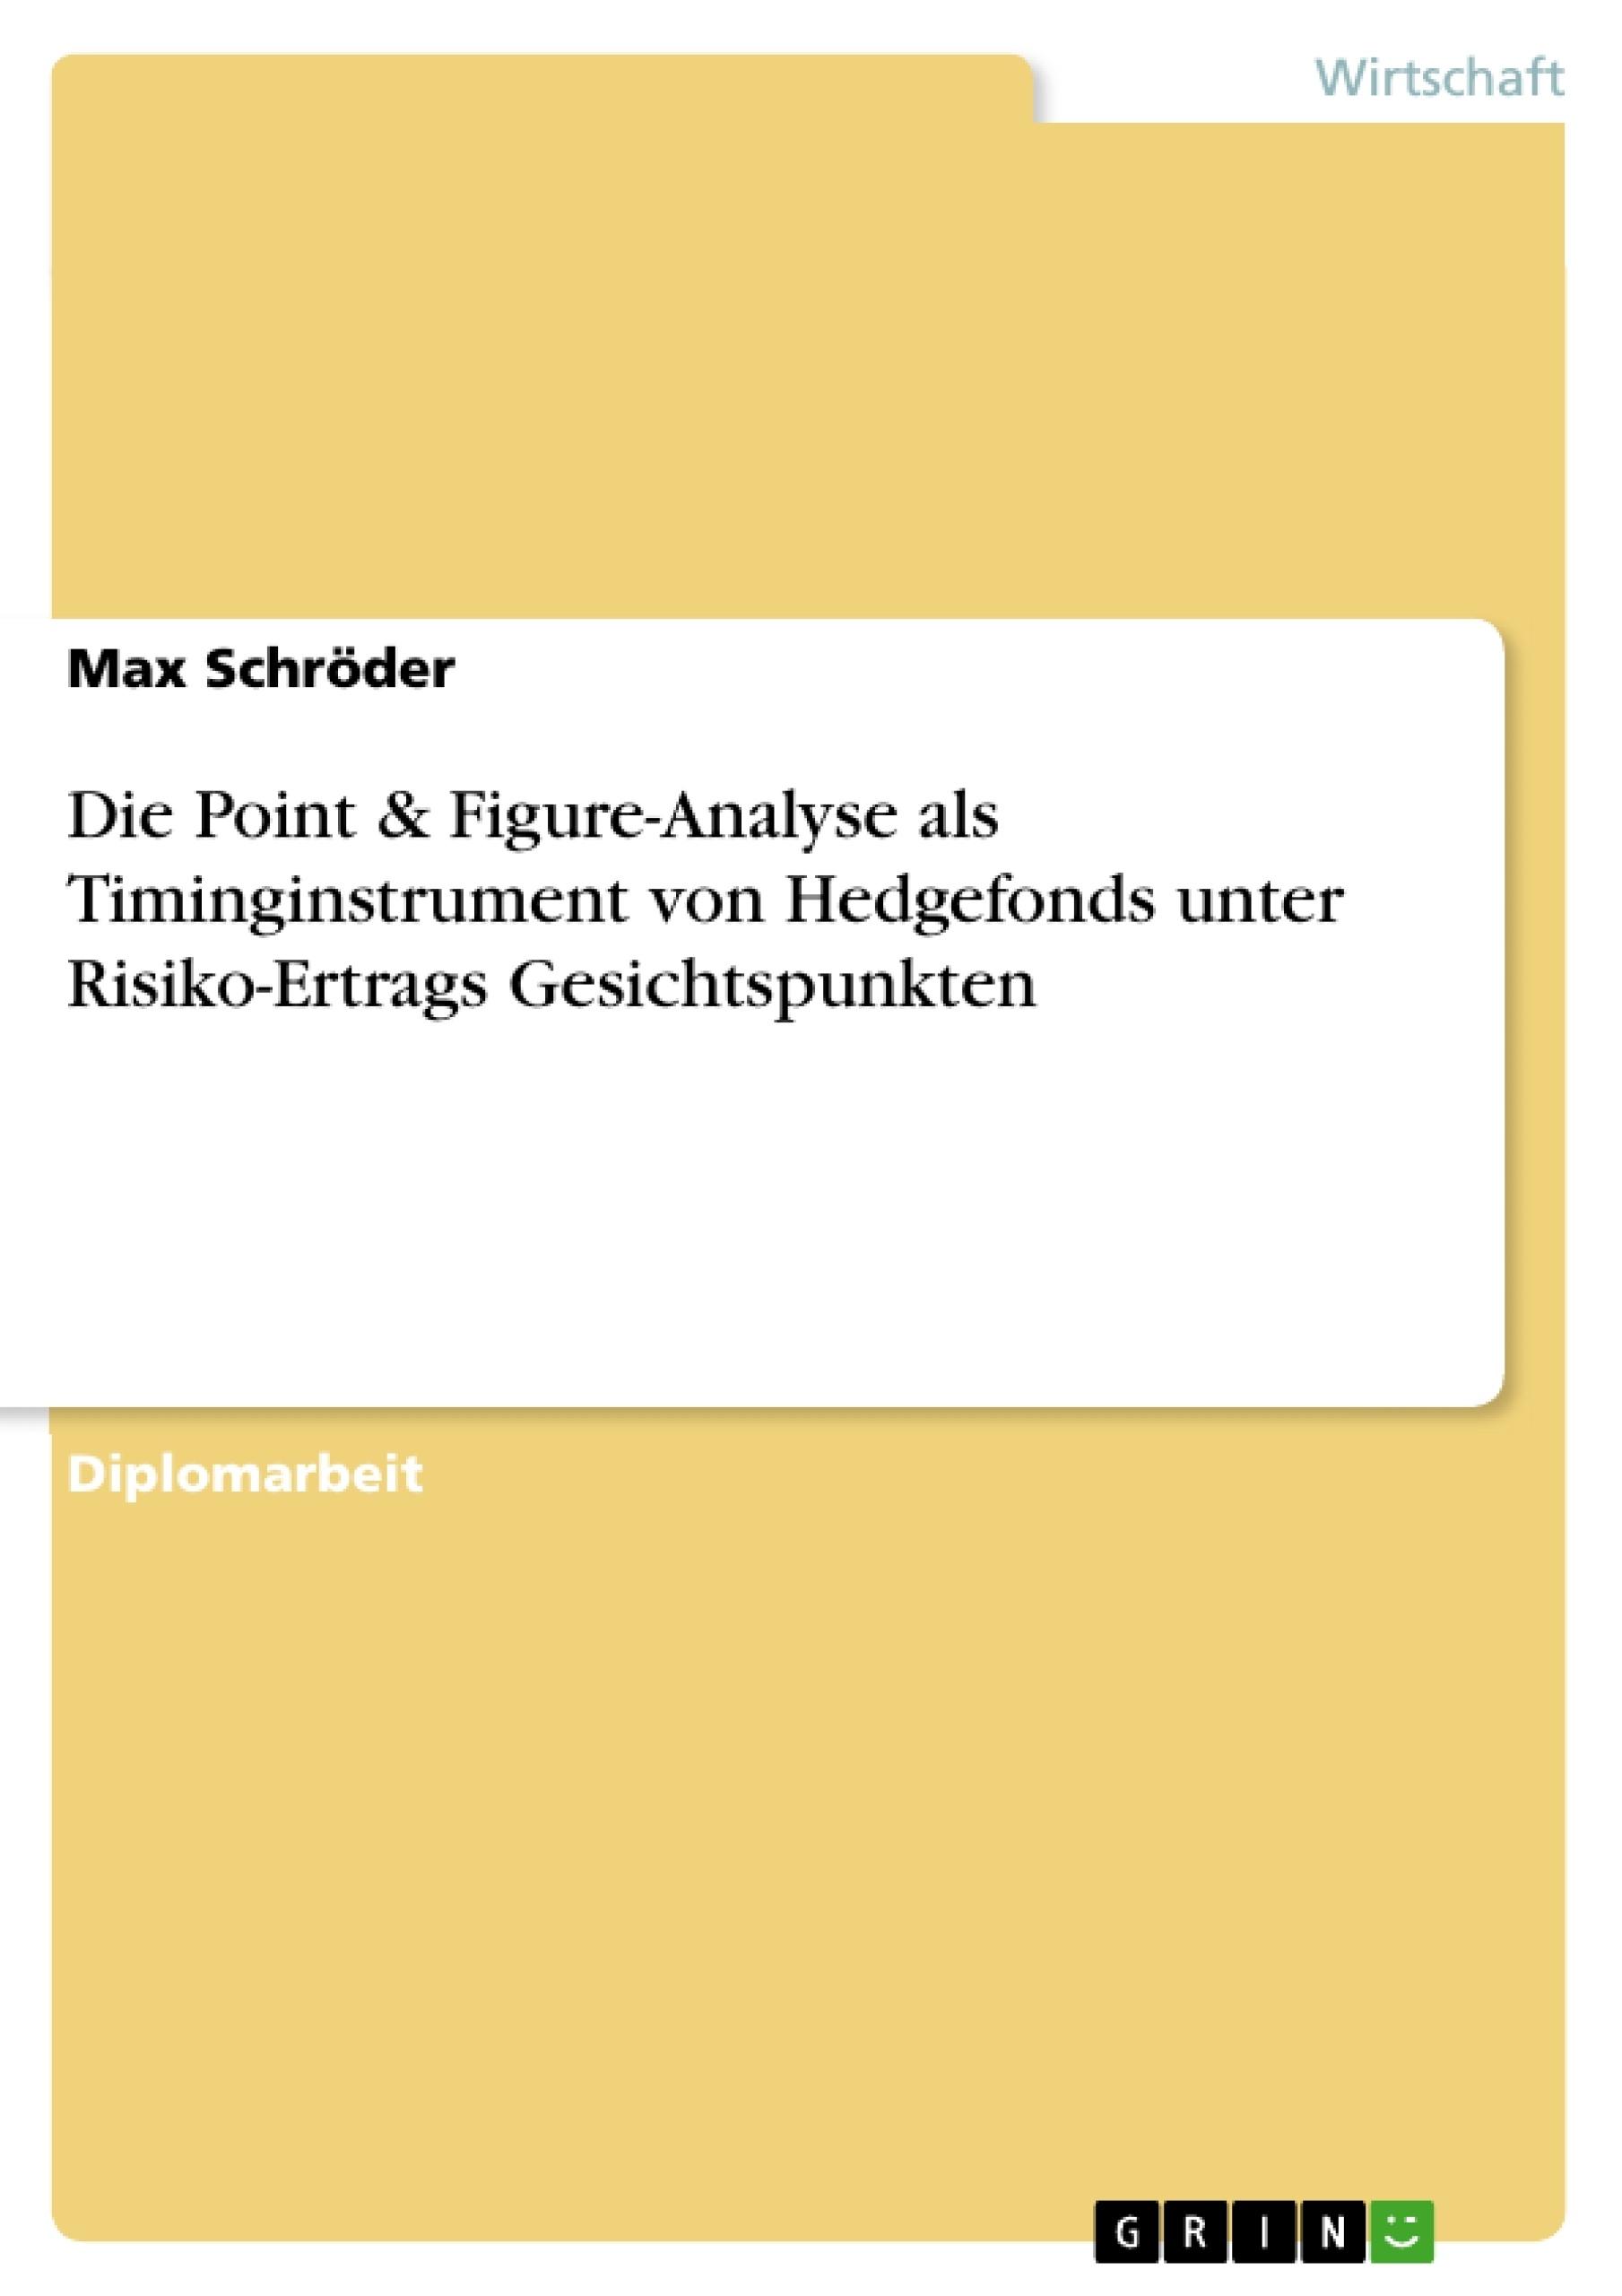 Titel: Die Point & Figure-Analyse als Timinginstrument von Hedgefonds unter Risiko-Ertrags Gesichtspunkten